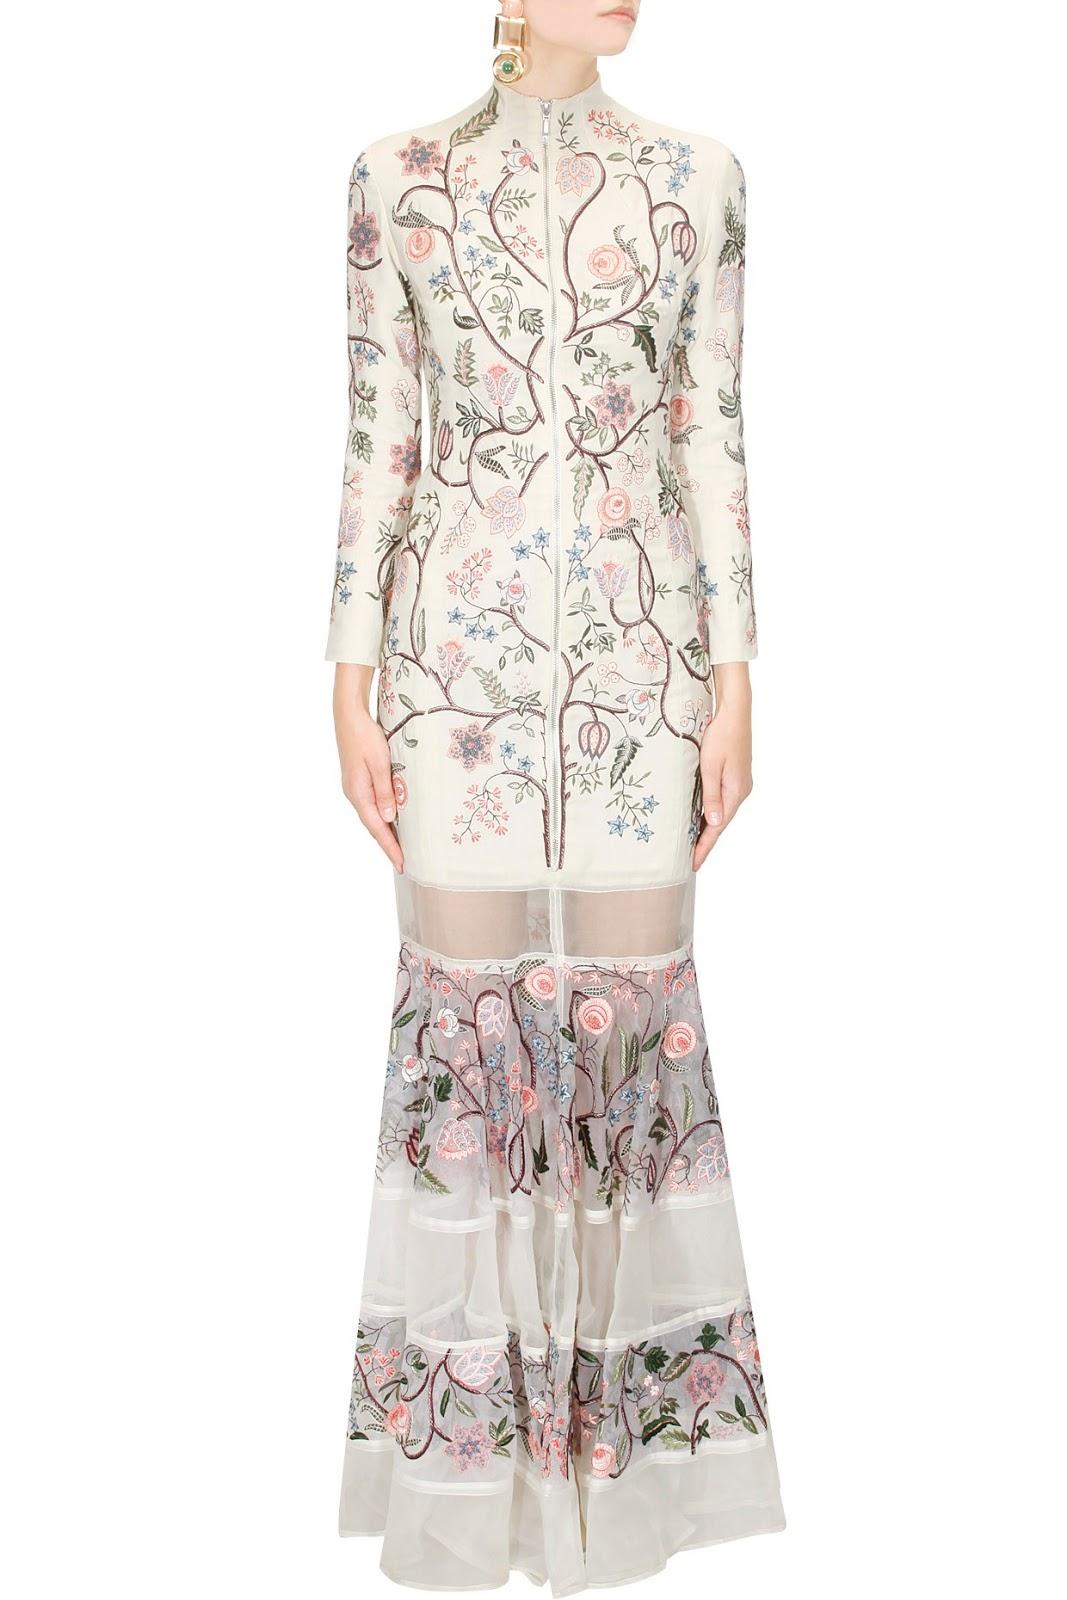 Rahul Mishra's Indo Western Dresses